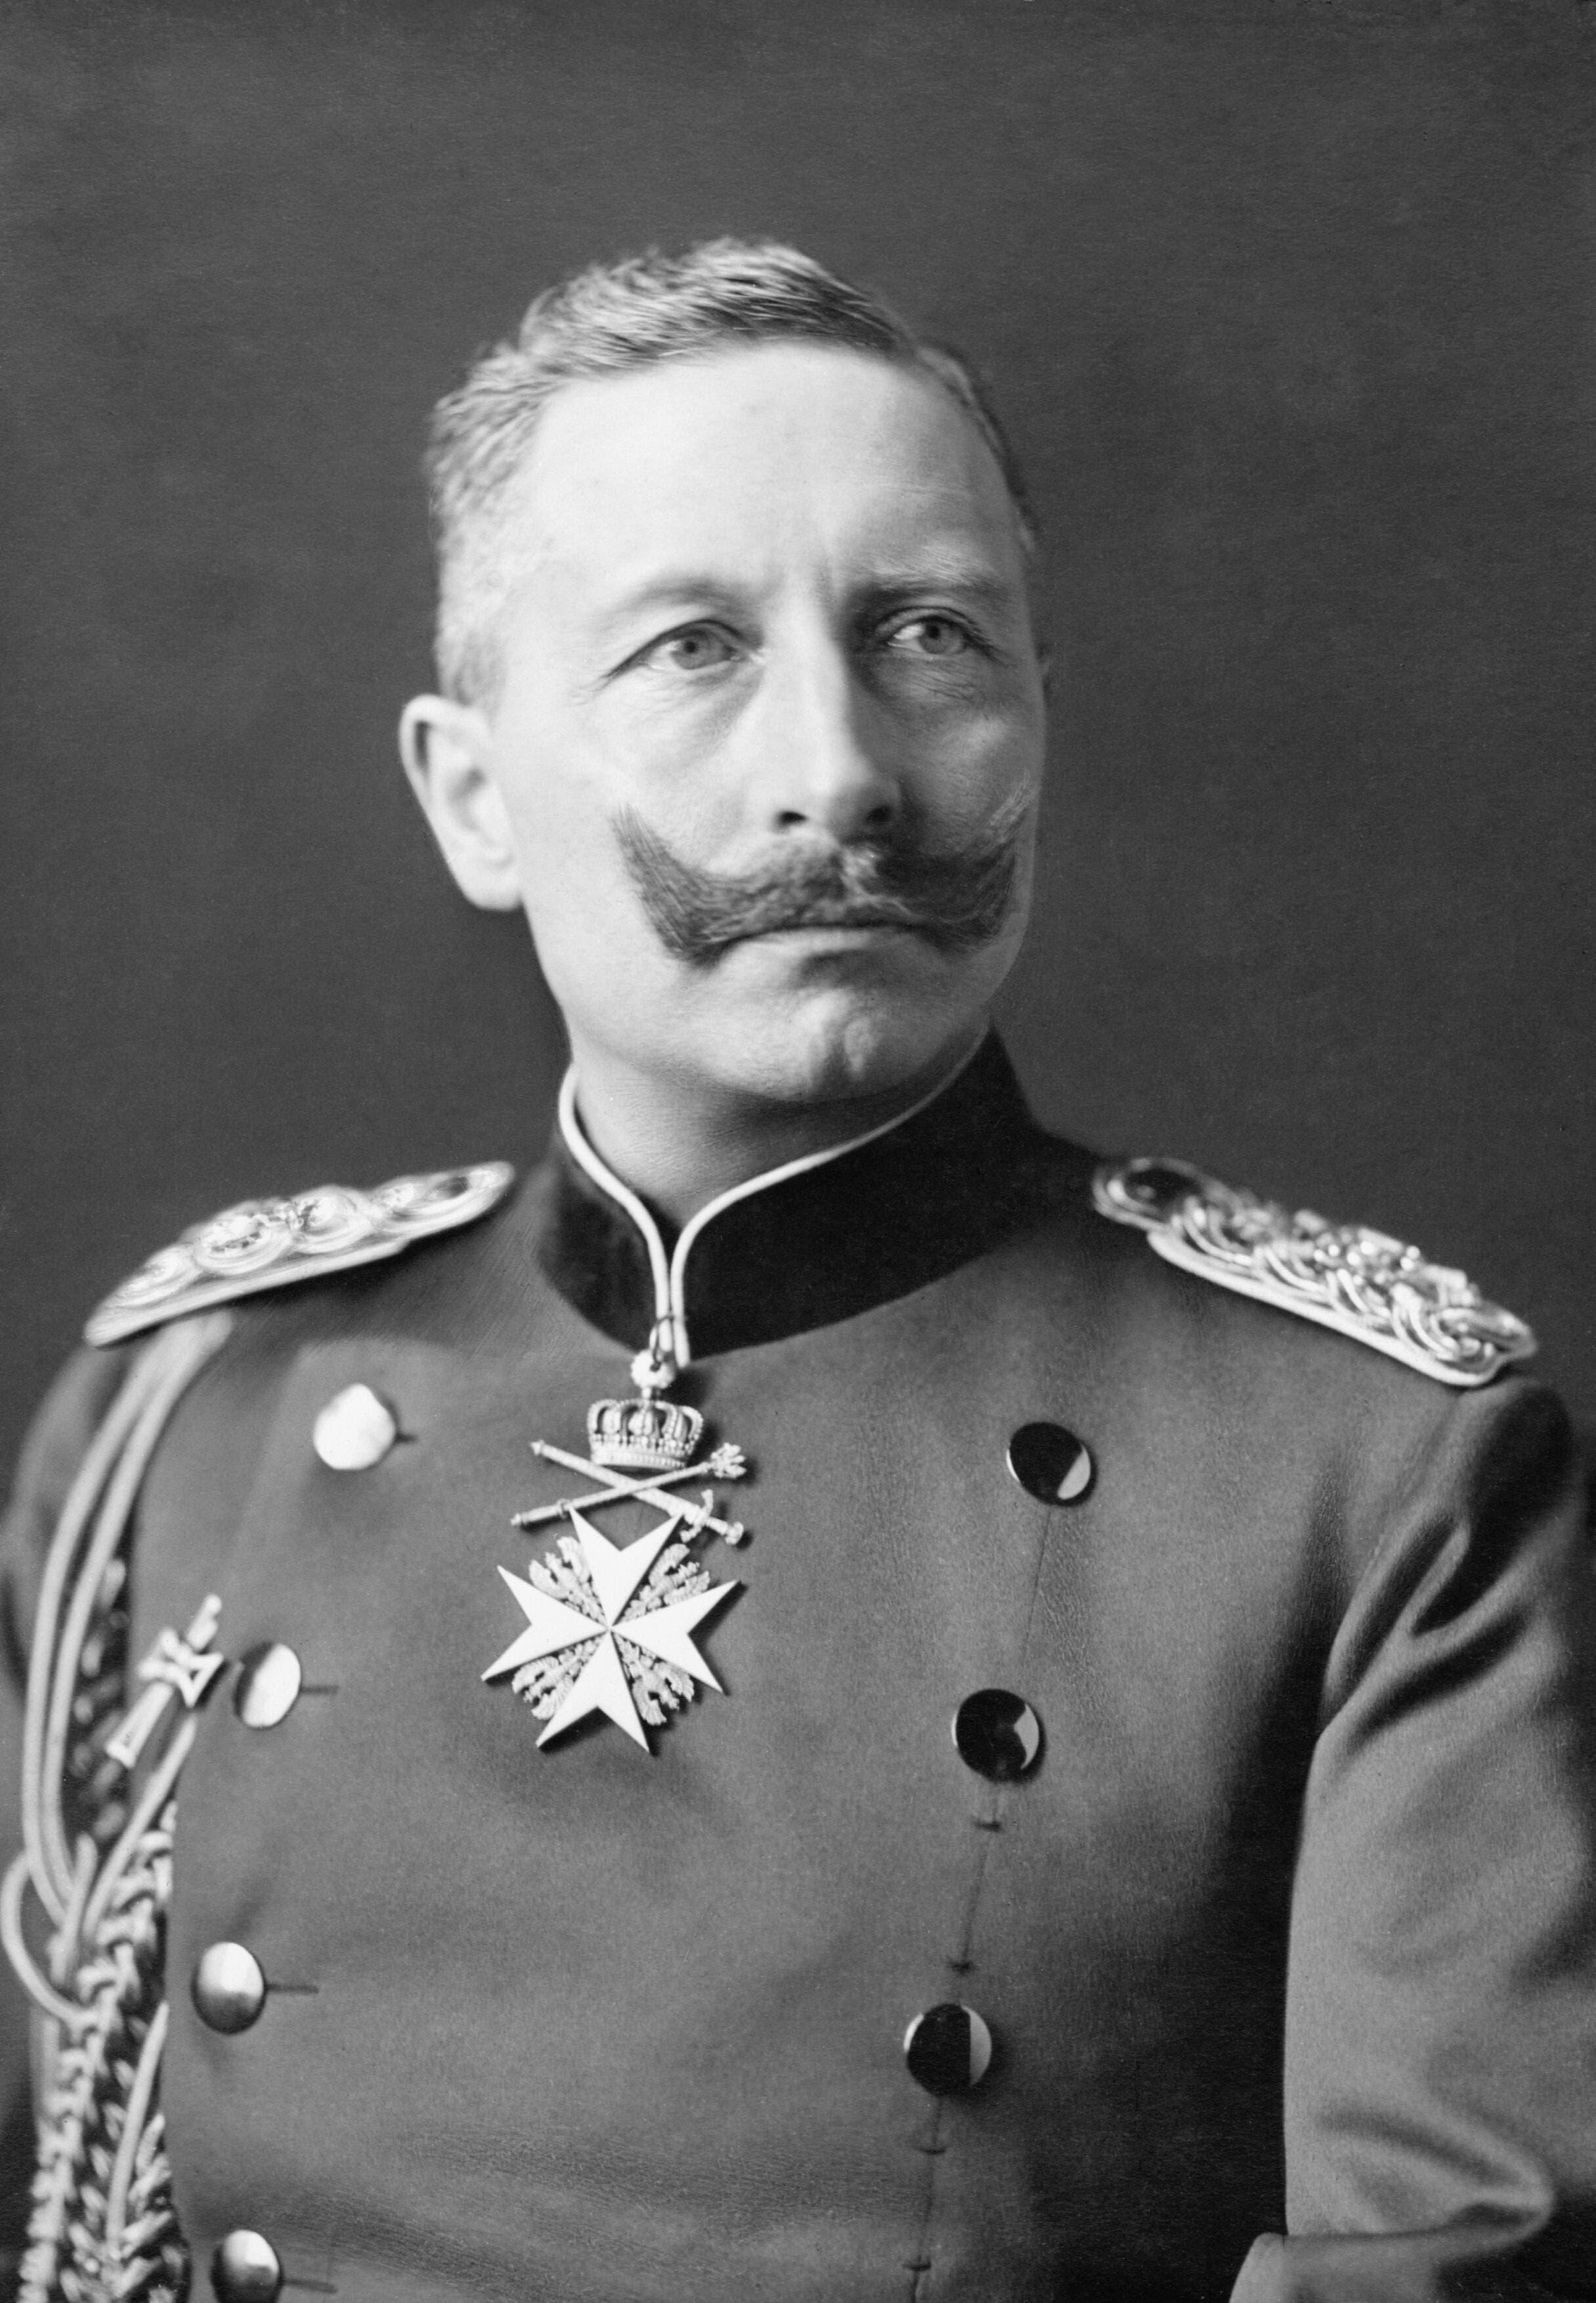 صورة للإمبراطور الألماني فيلهلم الثاني